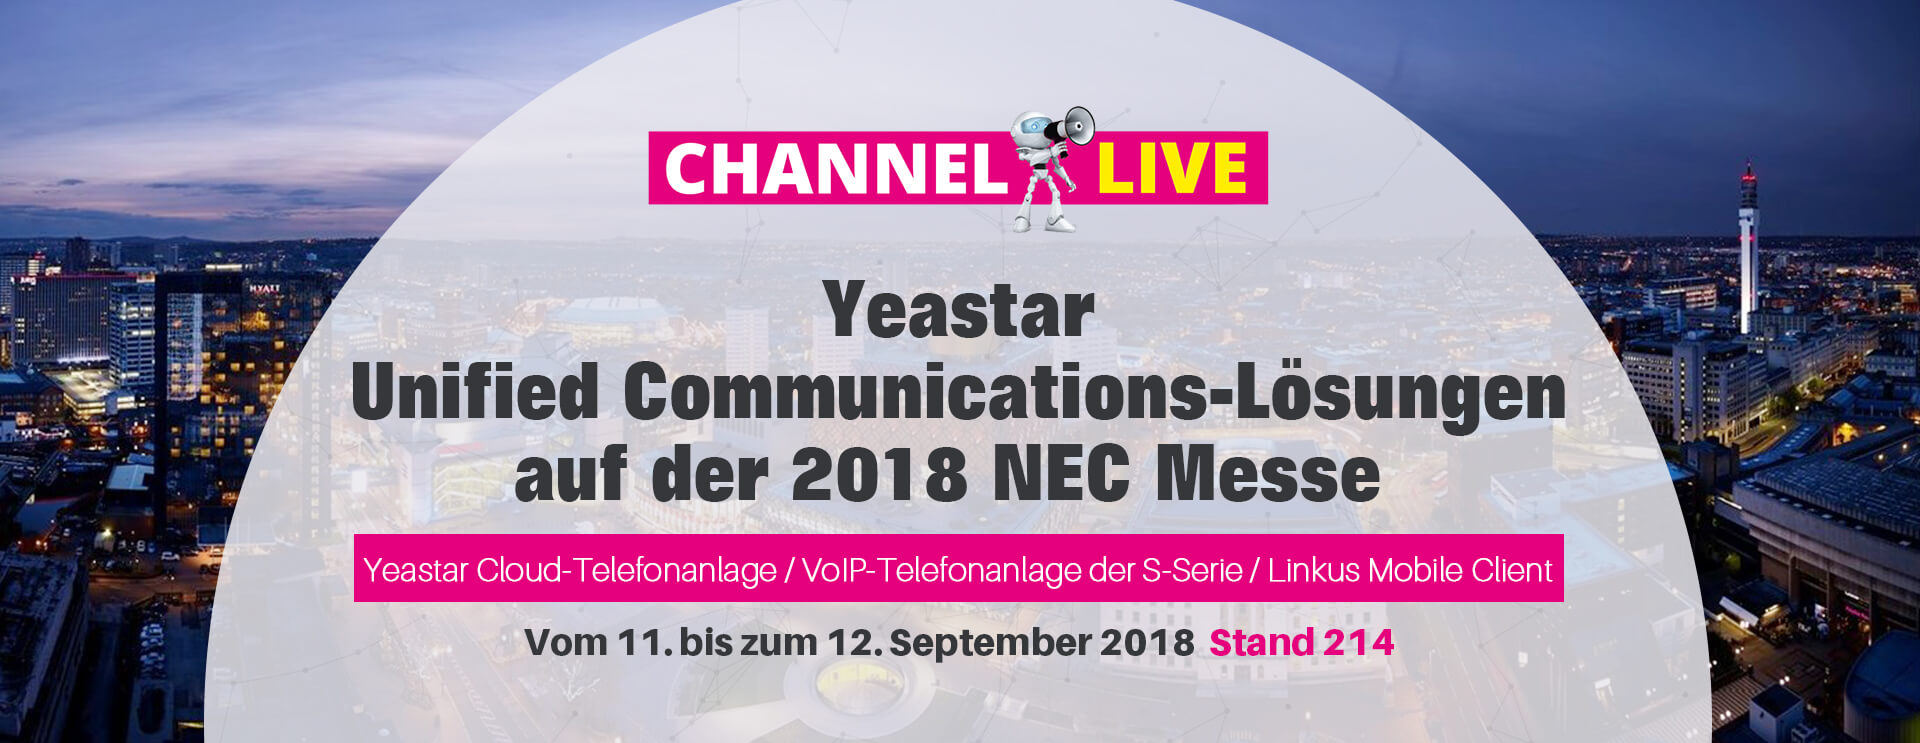 Channel Live De 2